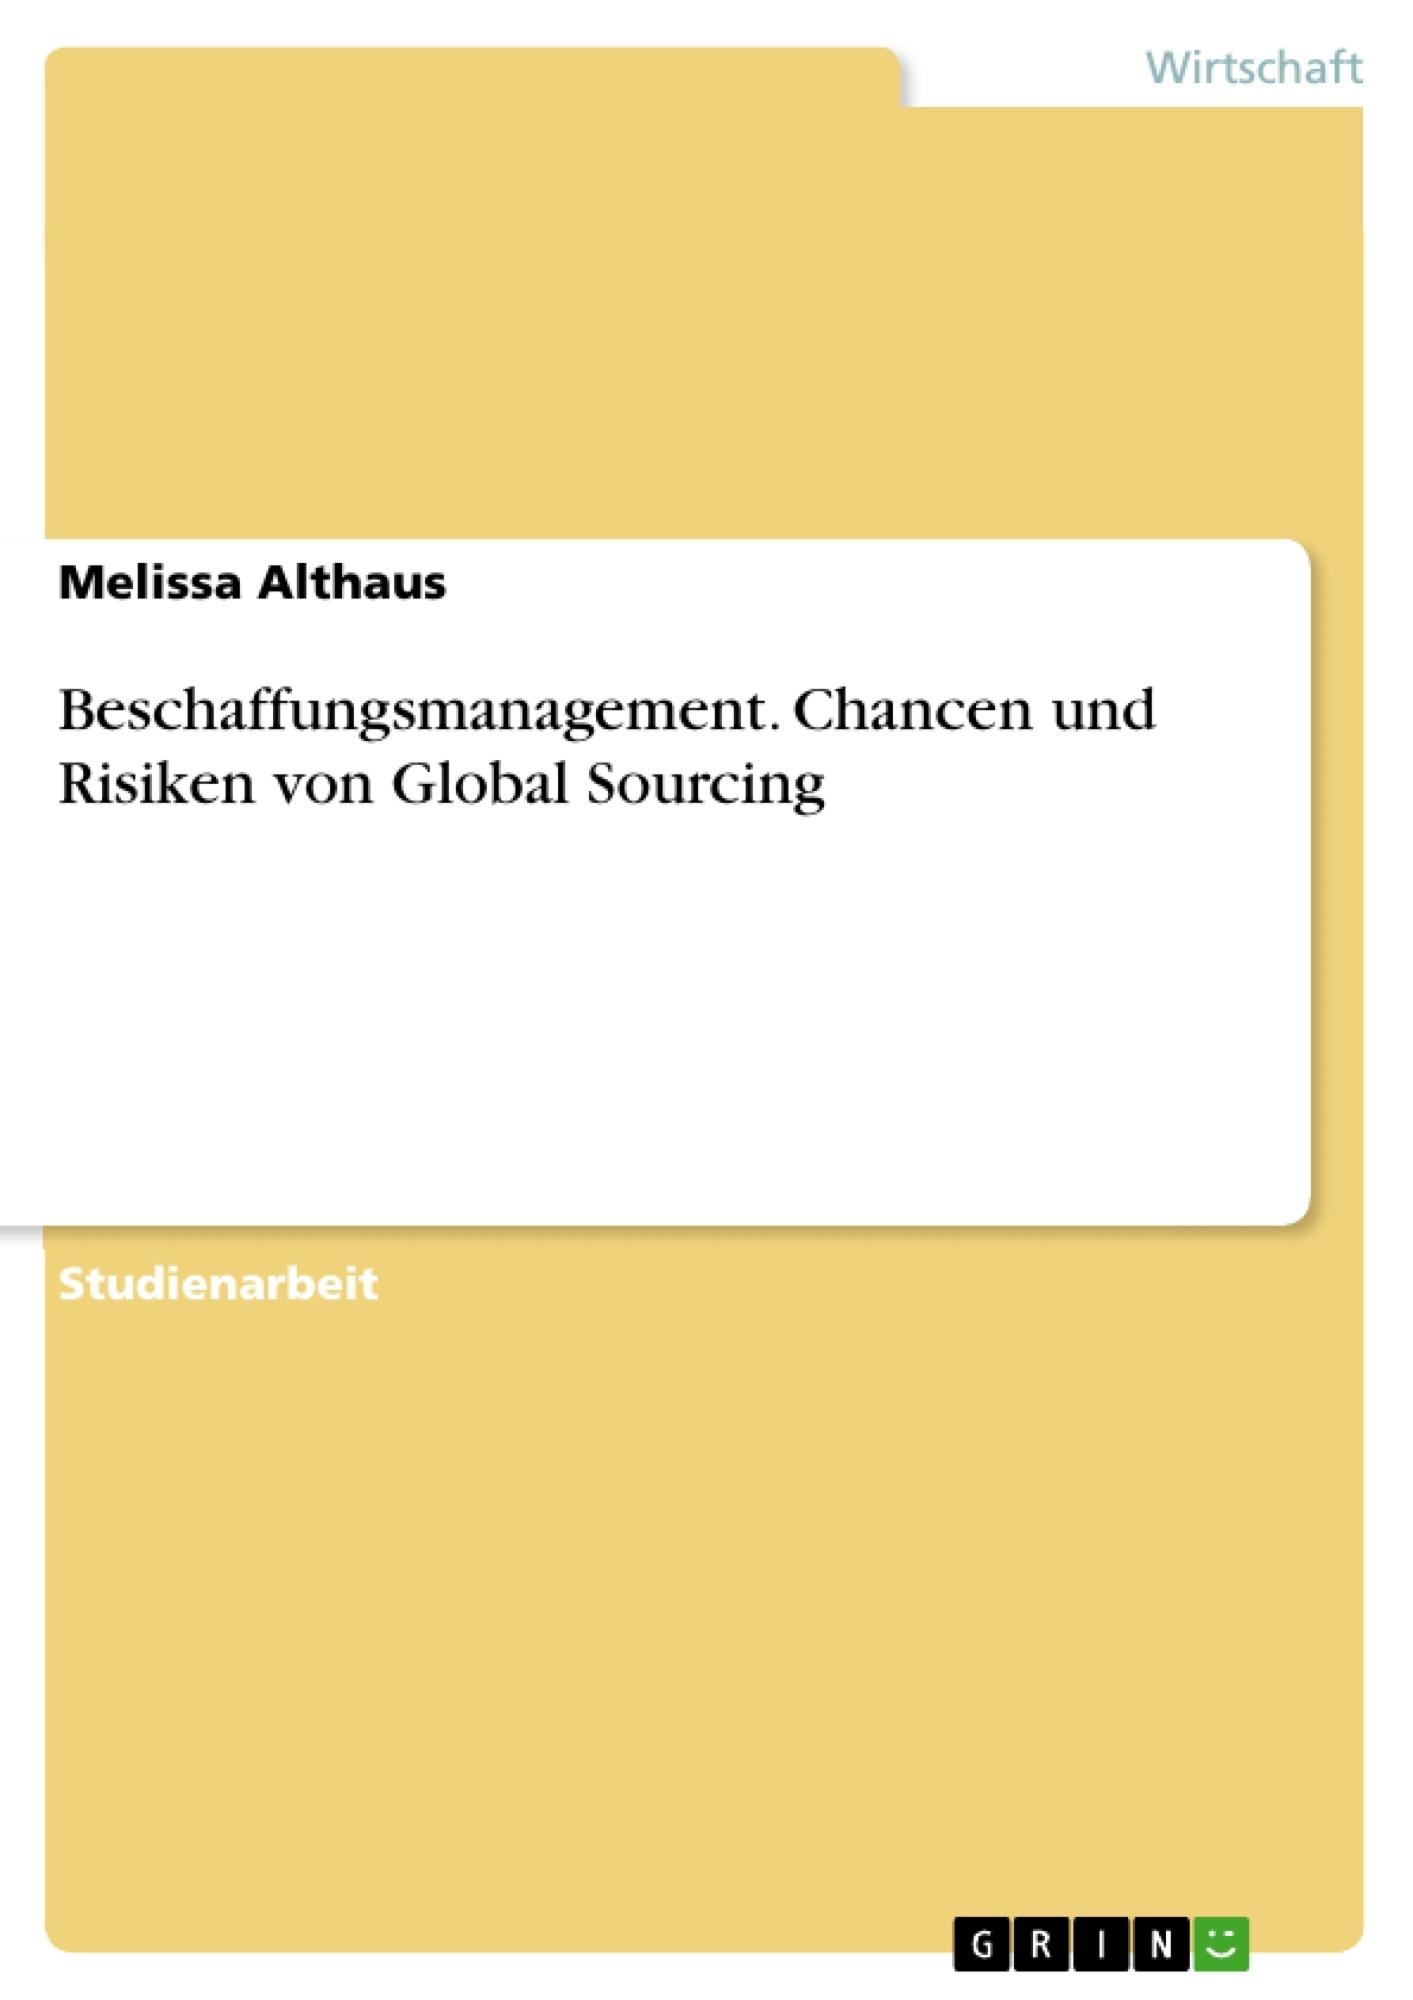 Titel: Beschaffungsmanagement. Chancen und Risiken von Global Sourcing